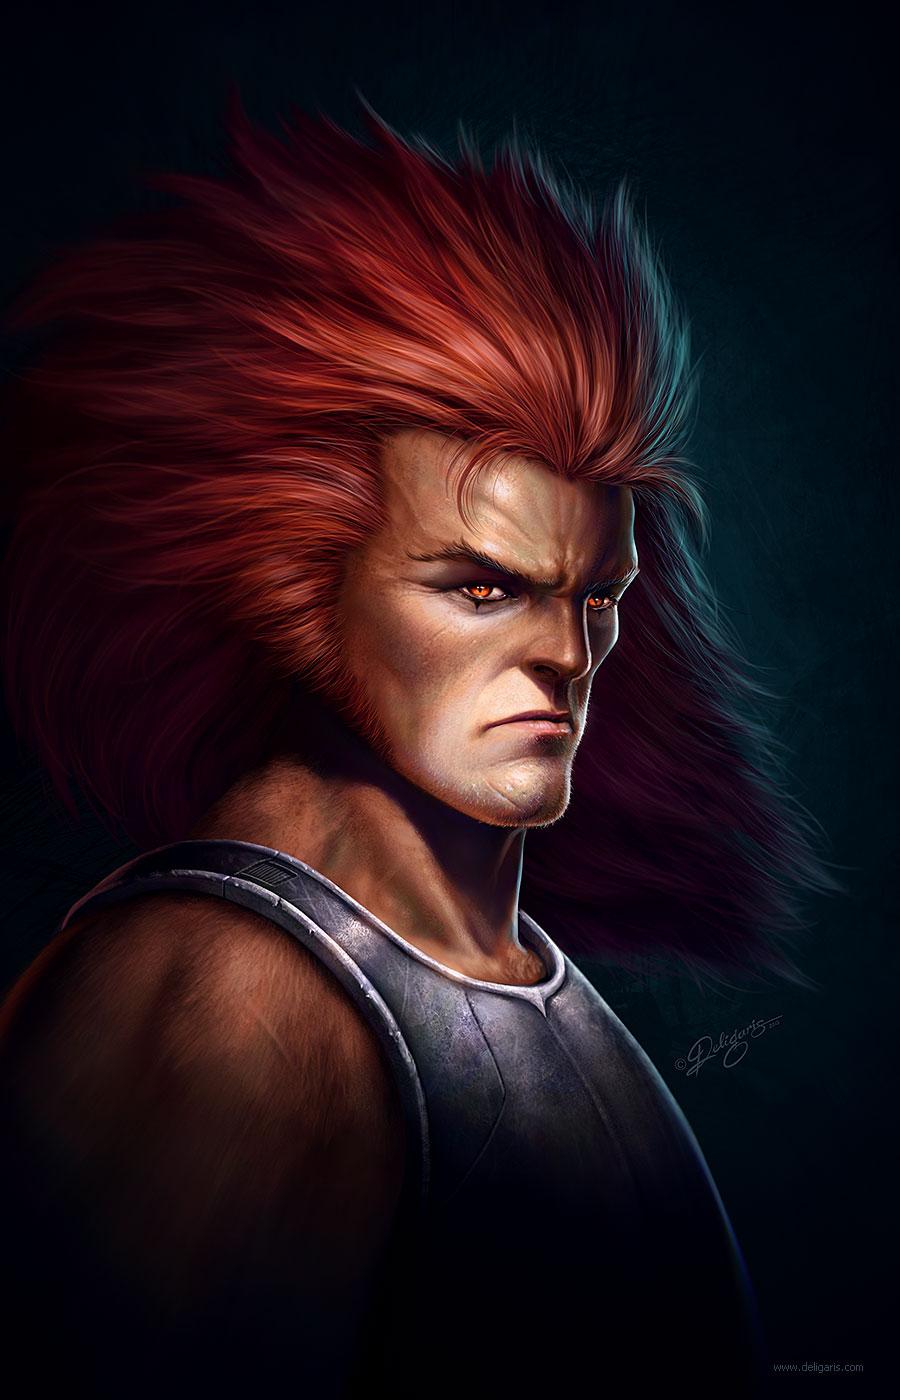 Lion-O - Fan art by Deligaris